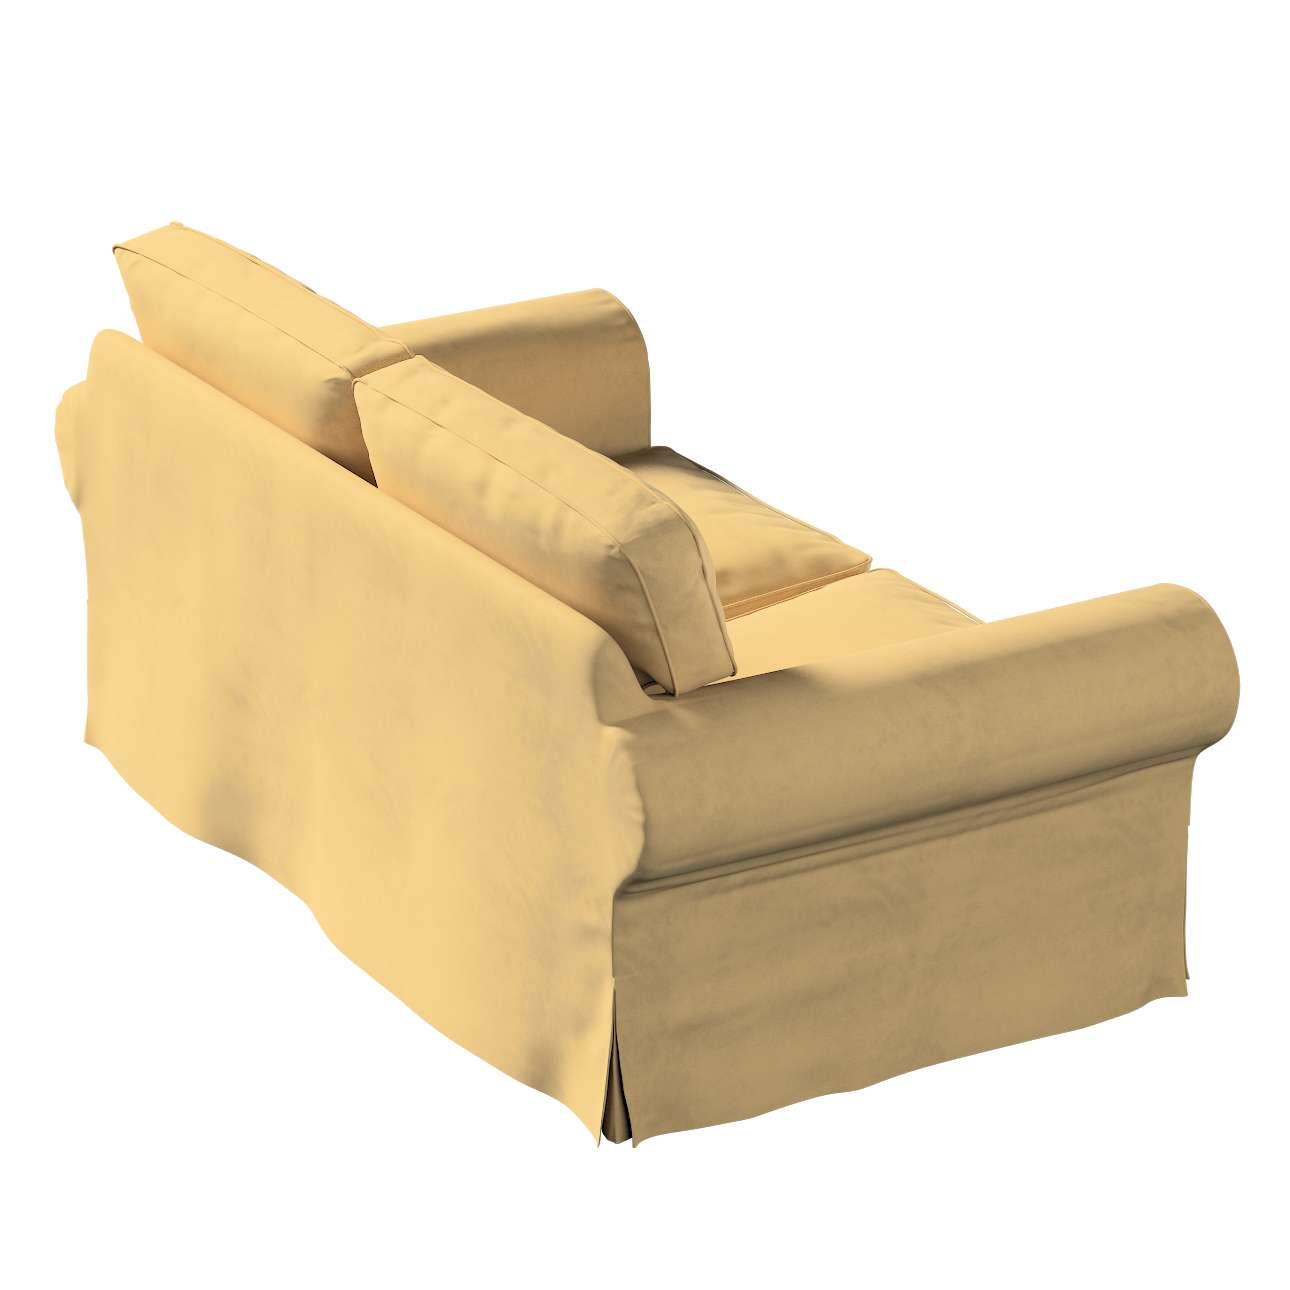 Pokrowiec na sofę Ektorp 2-osobową, rozkładaną, model do 2012 w kolekcji Living II, tkanina: 160-93